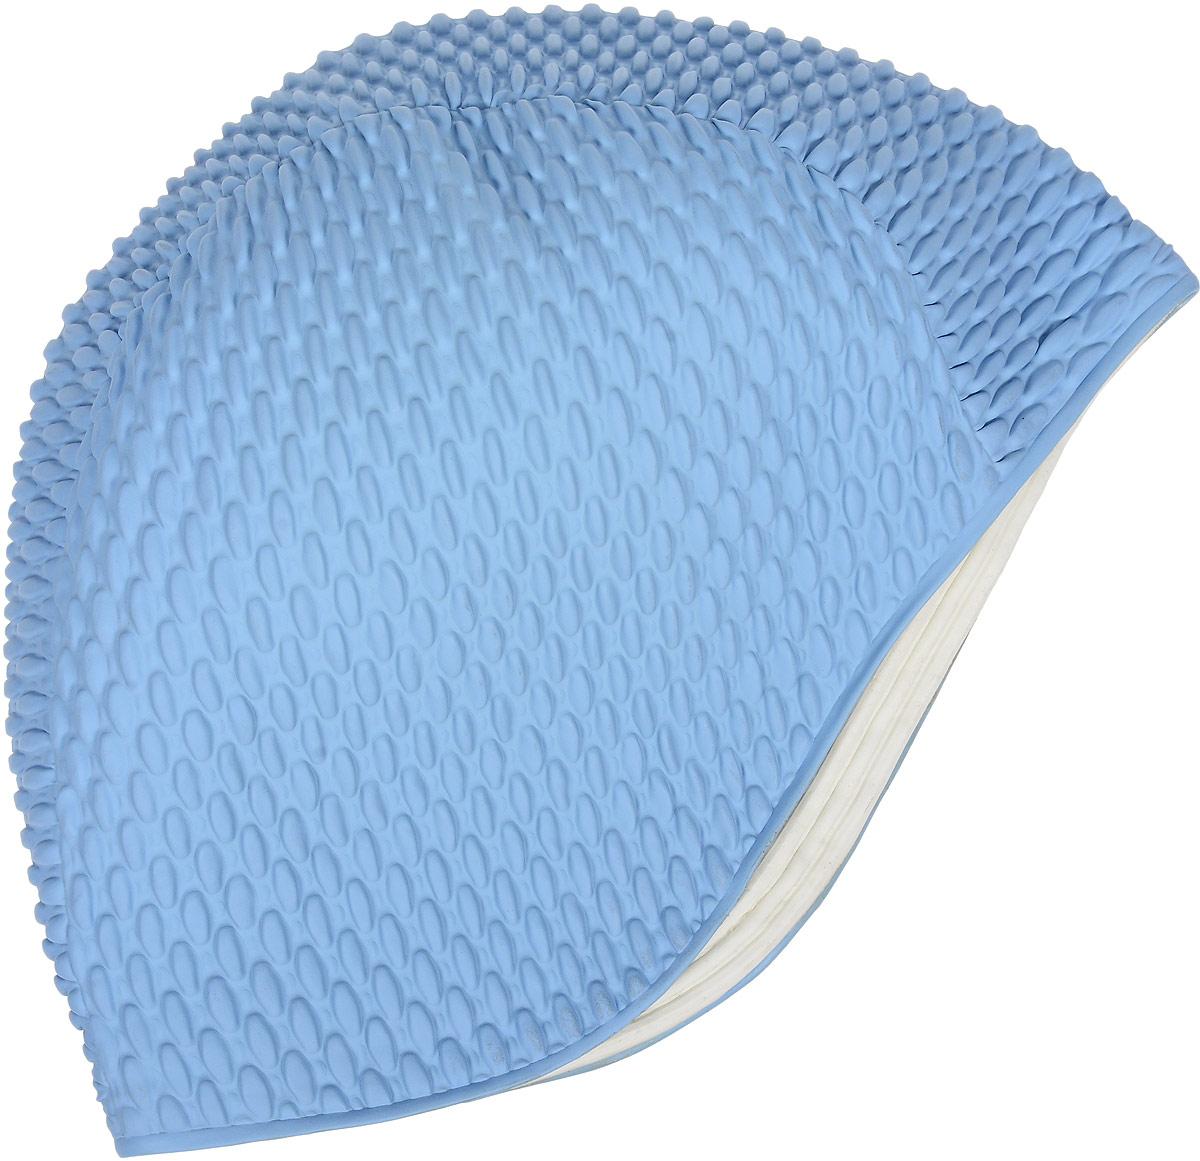 Шапочка для плавания Fashy Babble Cap, цвет: голубойУТ-00002731Fashy Bubble Cap 3115 - резиновая женская шапочка для плавания с объемным рисунком.Яркая оригинальная женская шапочка для купания. Поможет выделиться на занятиях в бассейне и на аквааэробике. Хорошо сидит на голове, препятствует попаданию волос в глаза при плавании и защищает от вредного воздействия хлорированной воды. Все изделие изготавливается из резины.Характеристики:Материал:резинаРазмер: универсальныйУпаковка: 10 шт. разных цветов